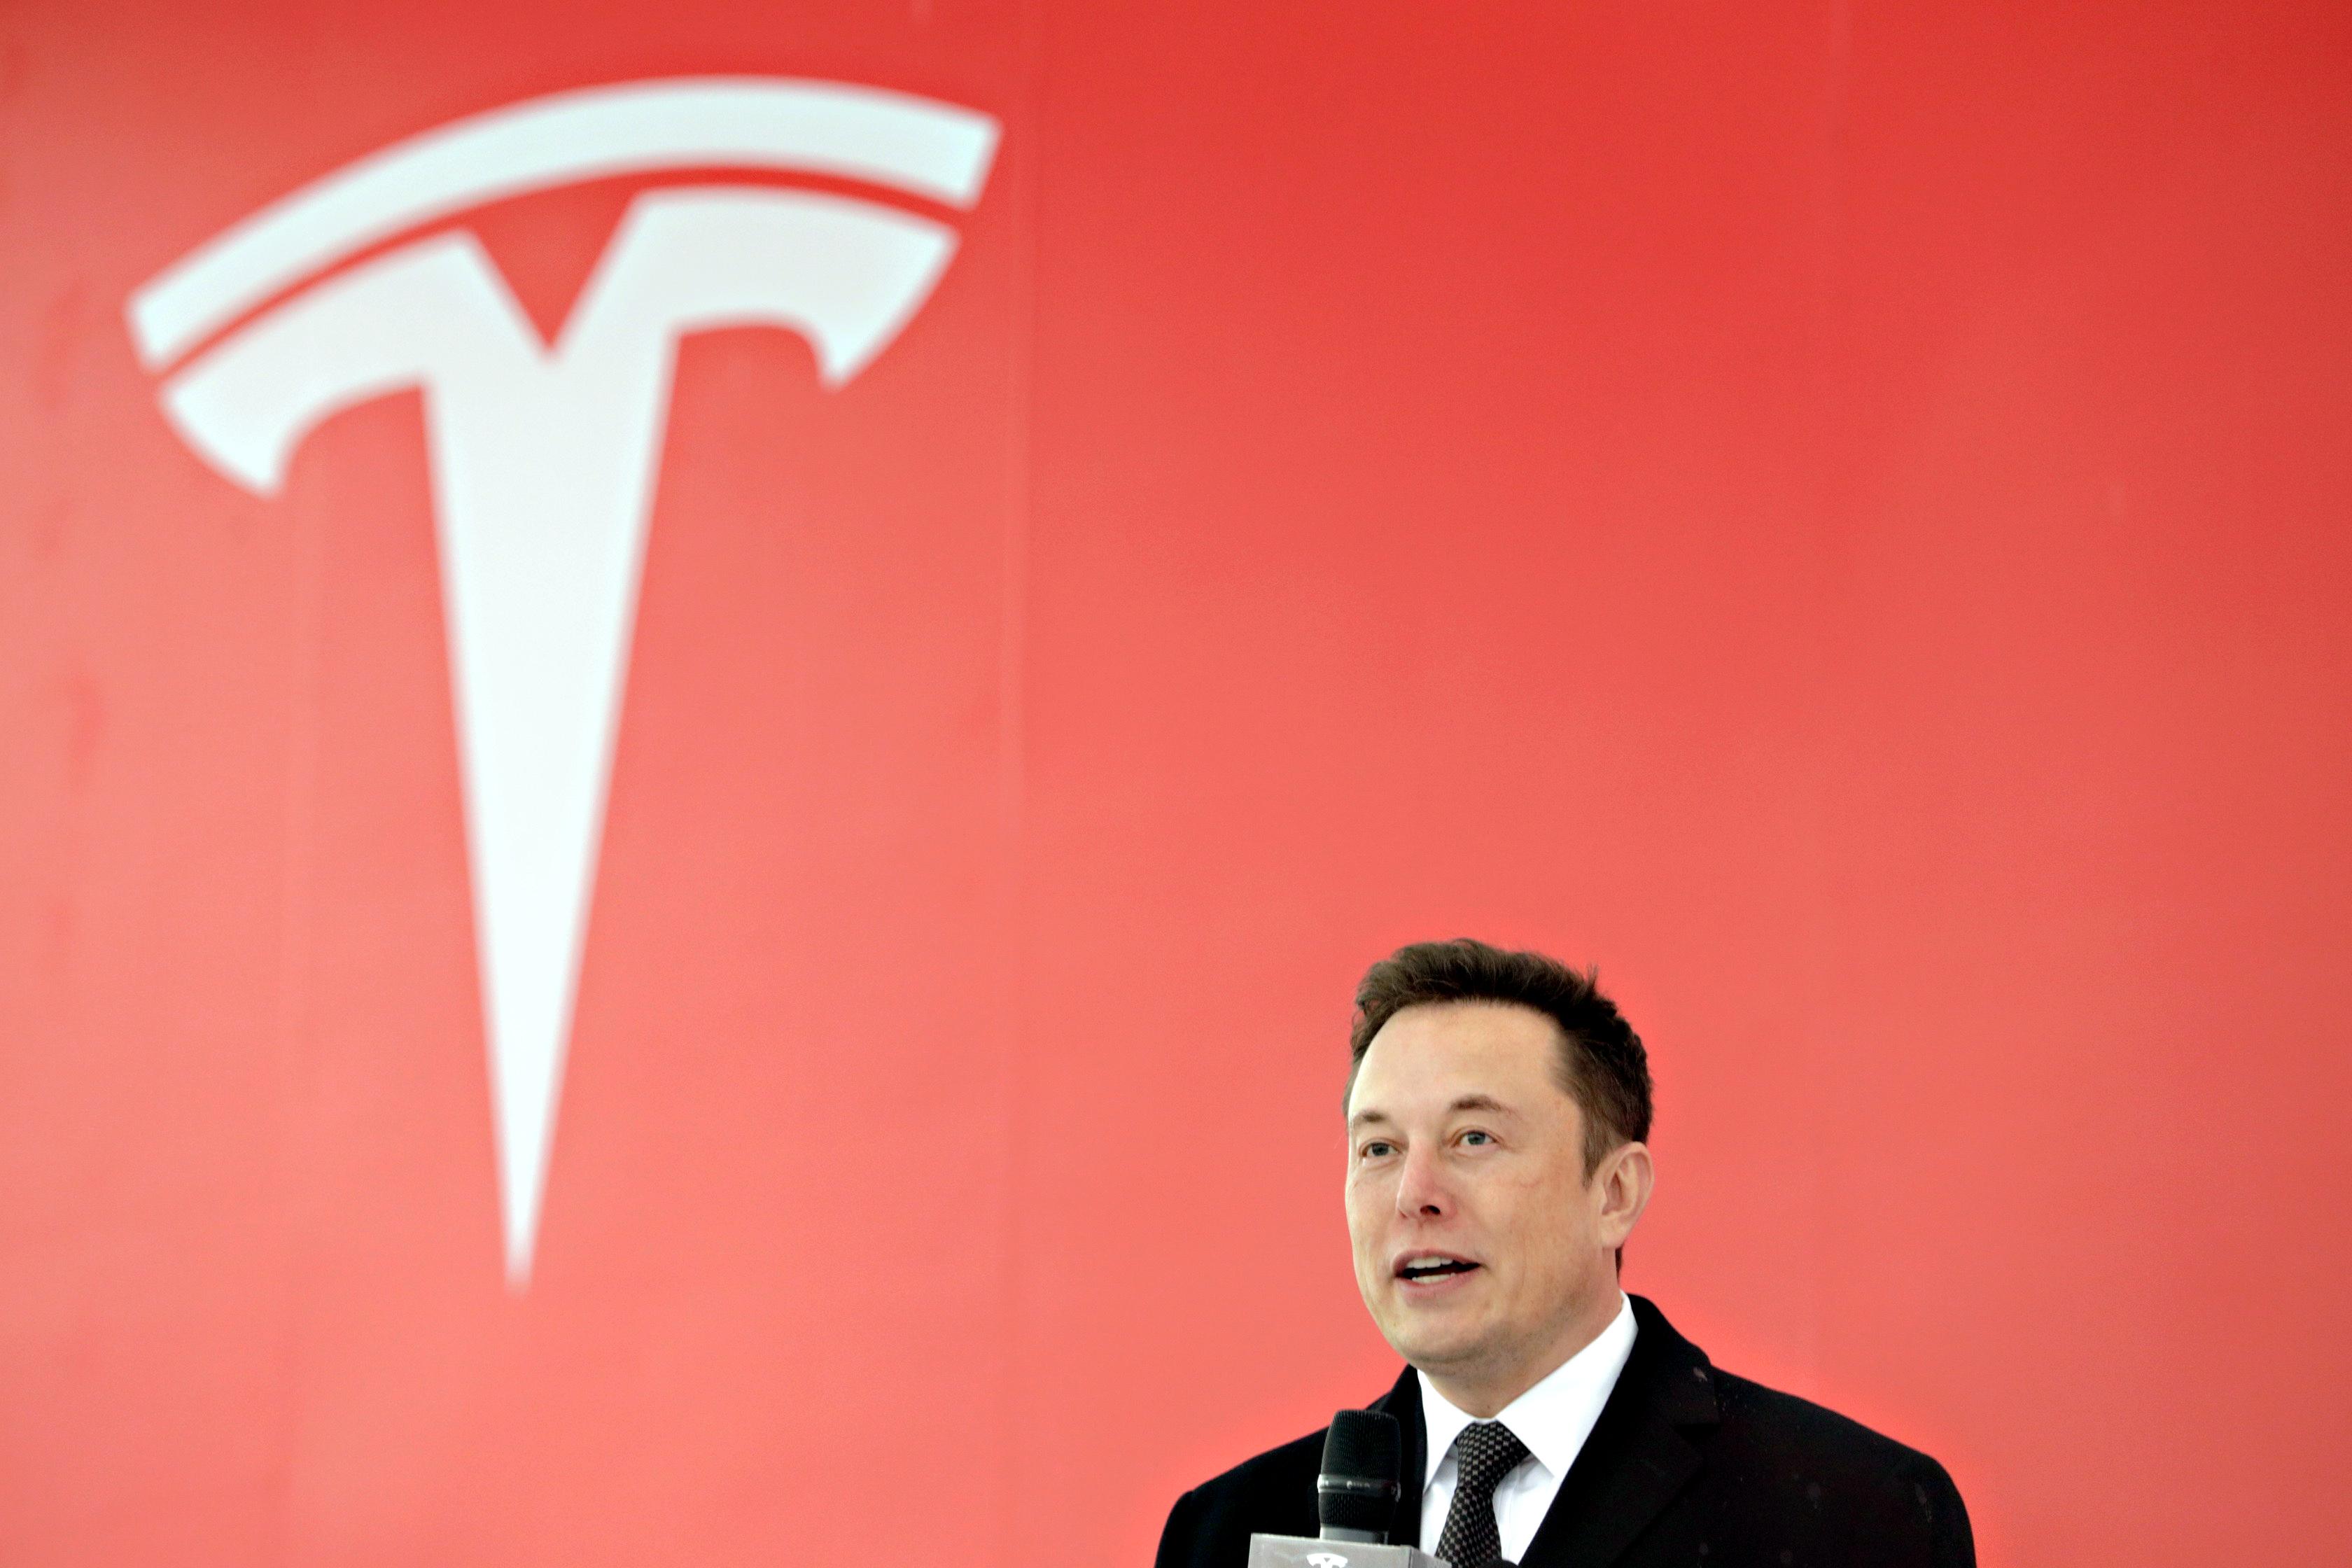 Présentation de l'entreprise Tesla par Elon Musk